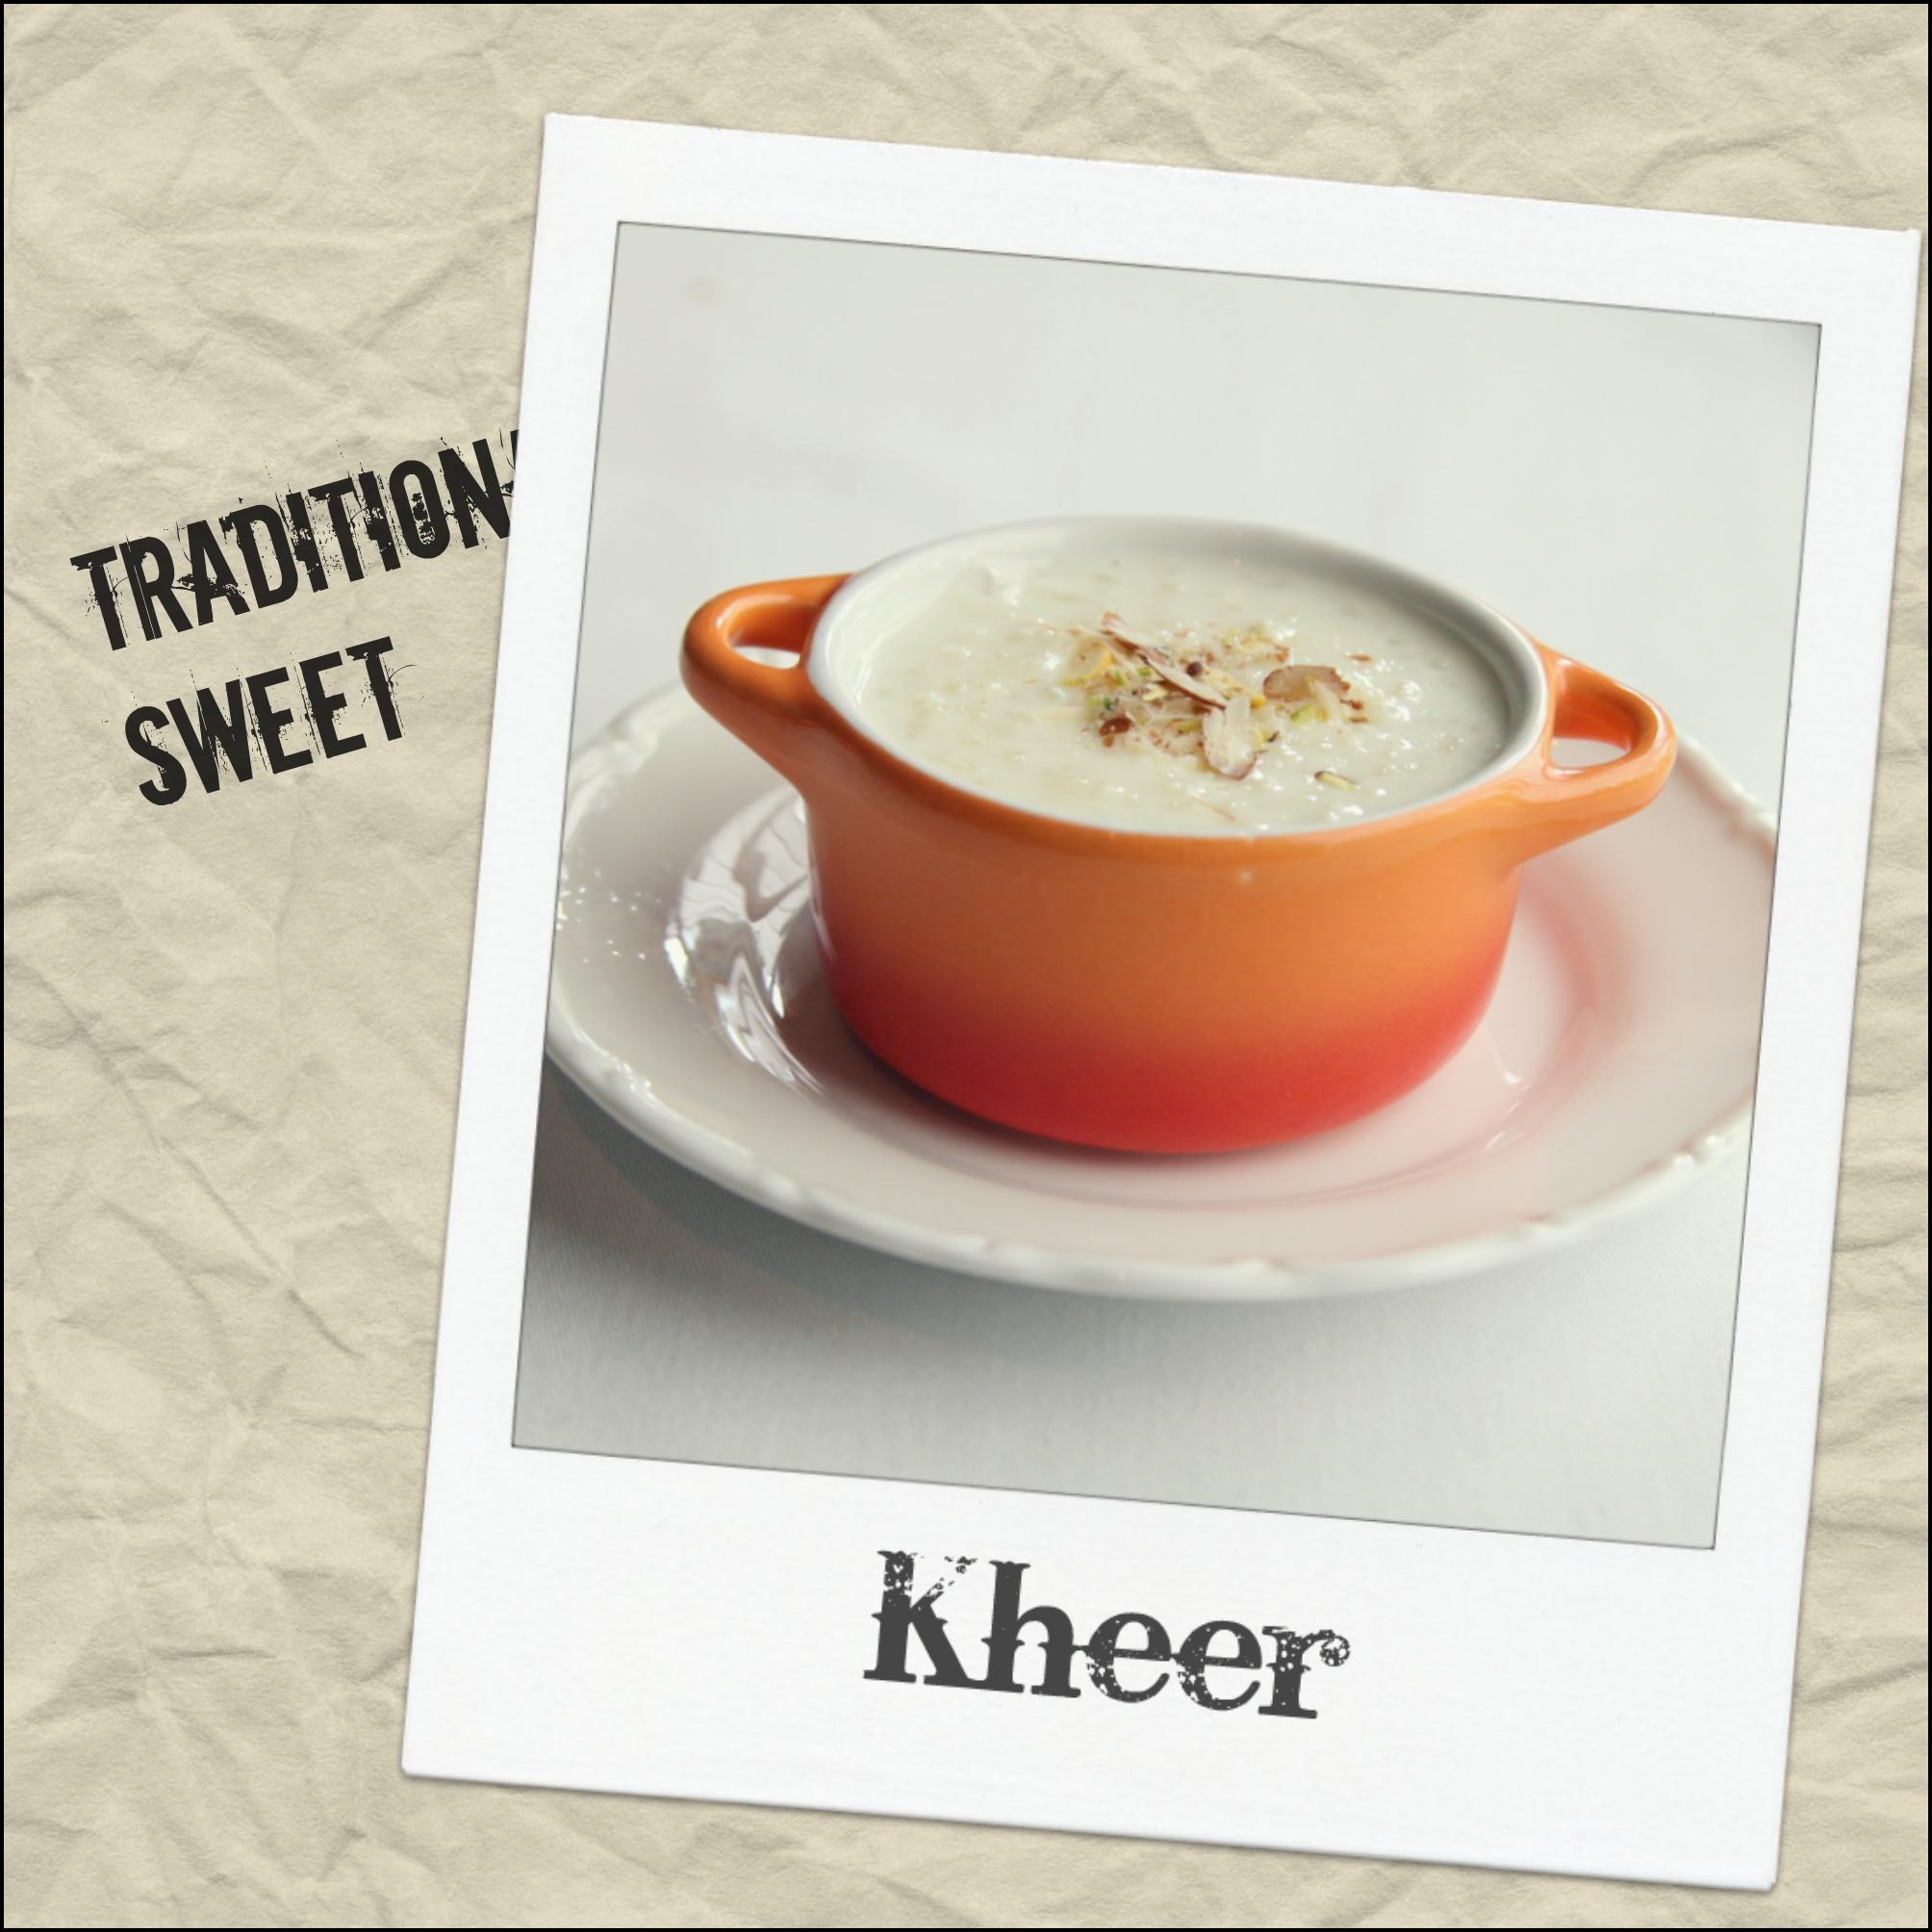 Kheer! Το παραδοσιακό ινδικό γλυκό